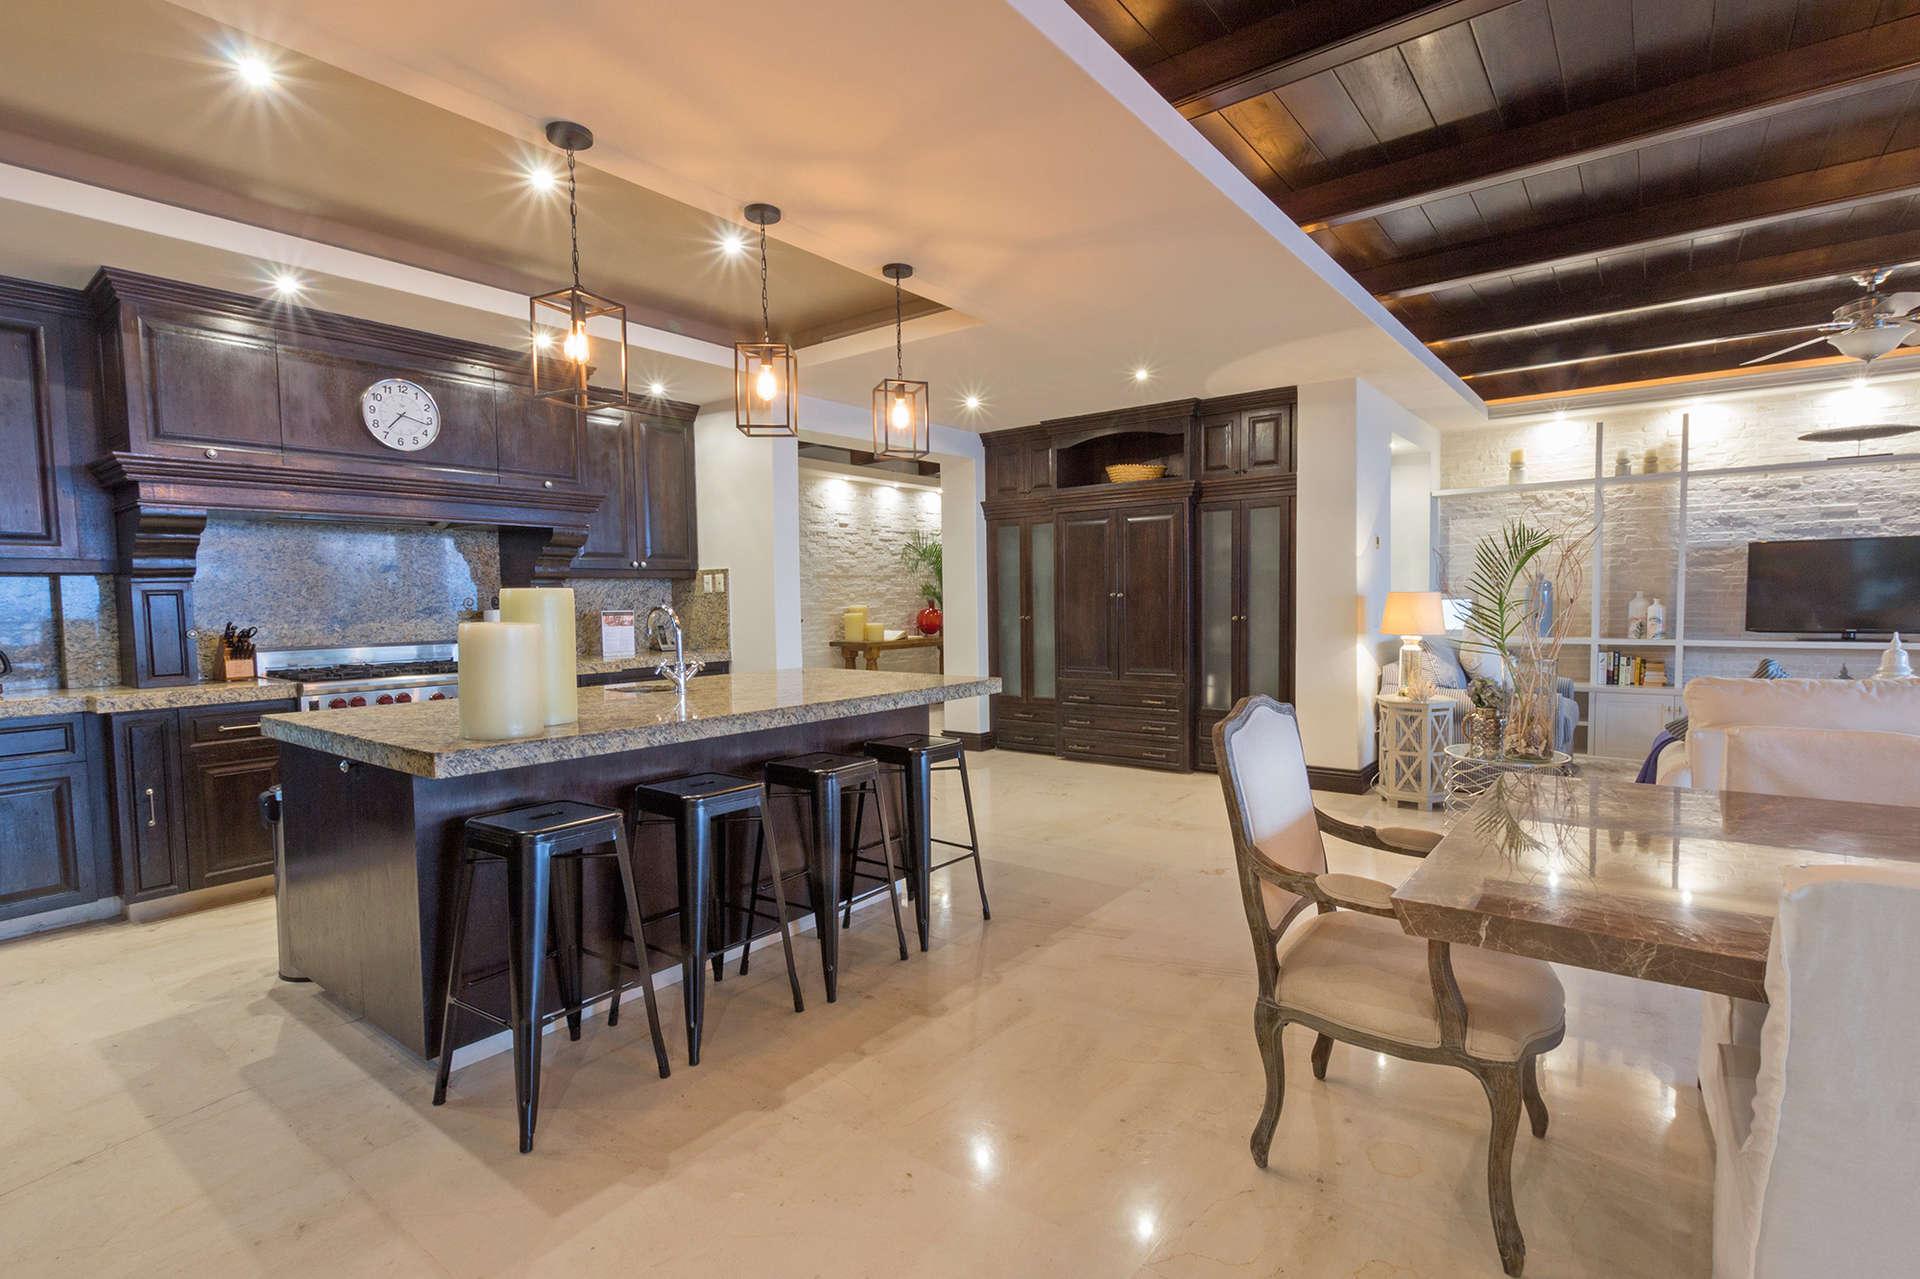 Luxury vacation rentals mexico - Punta mita - Hacienda de mita - No location 4 - Condo Lirio - Image 1/10